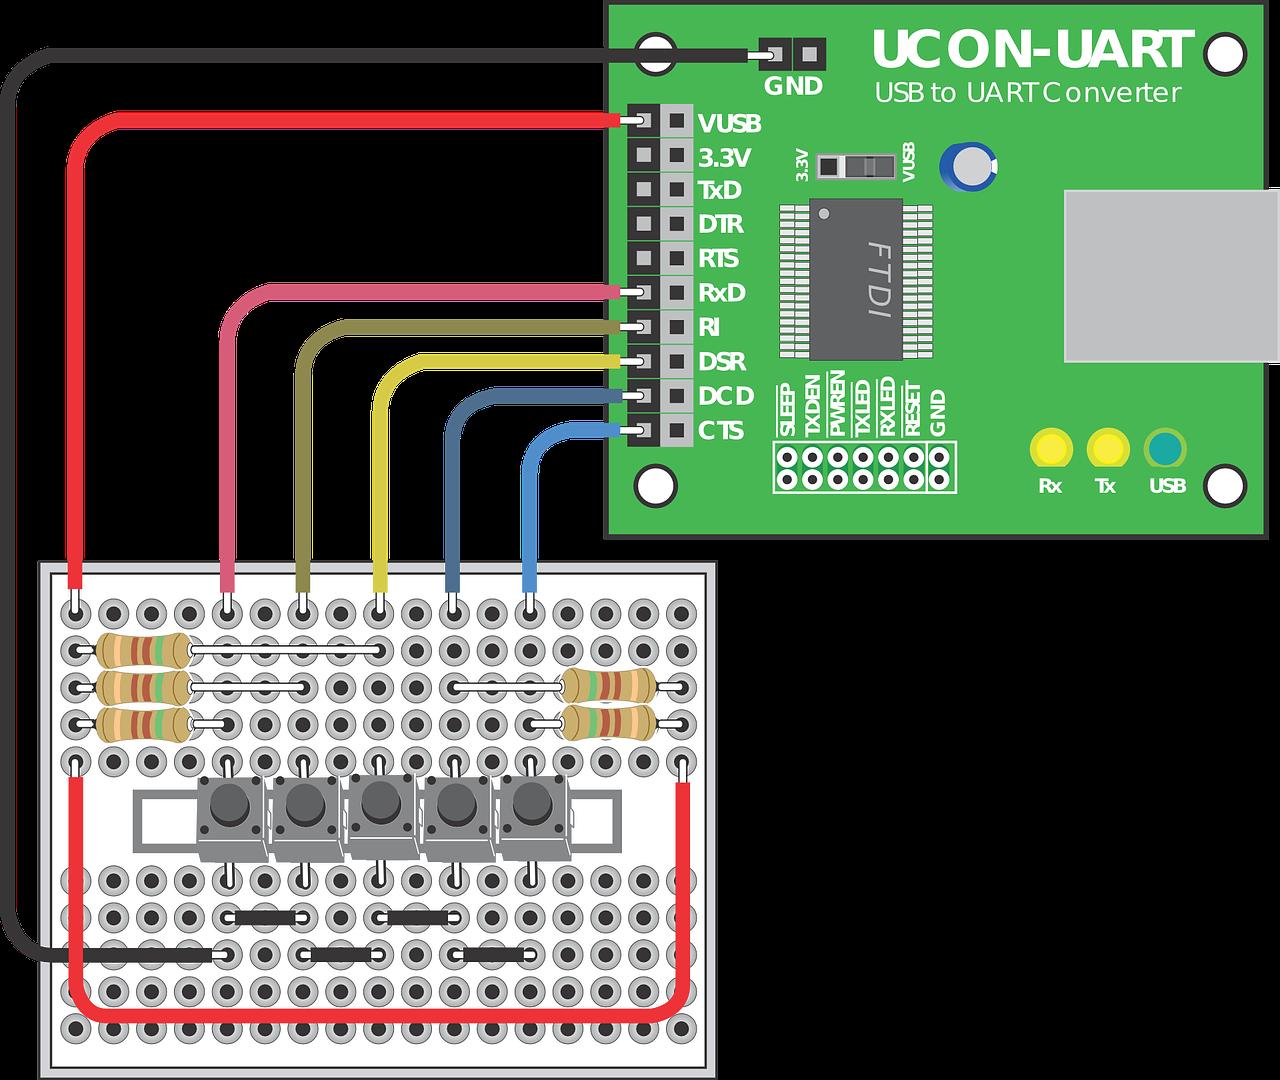 определение резистора по цветовой маркировке онлайн